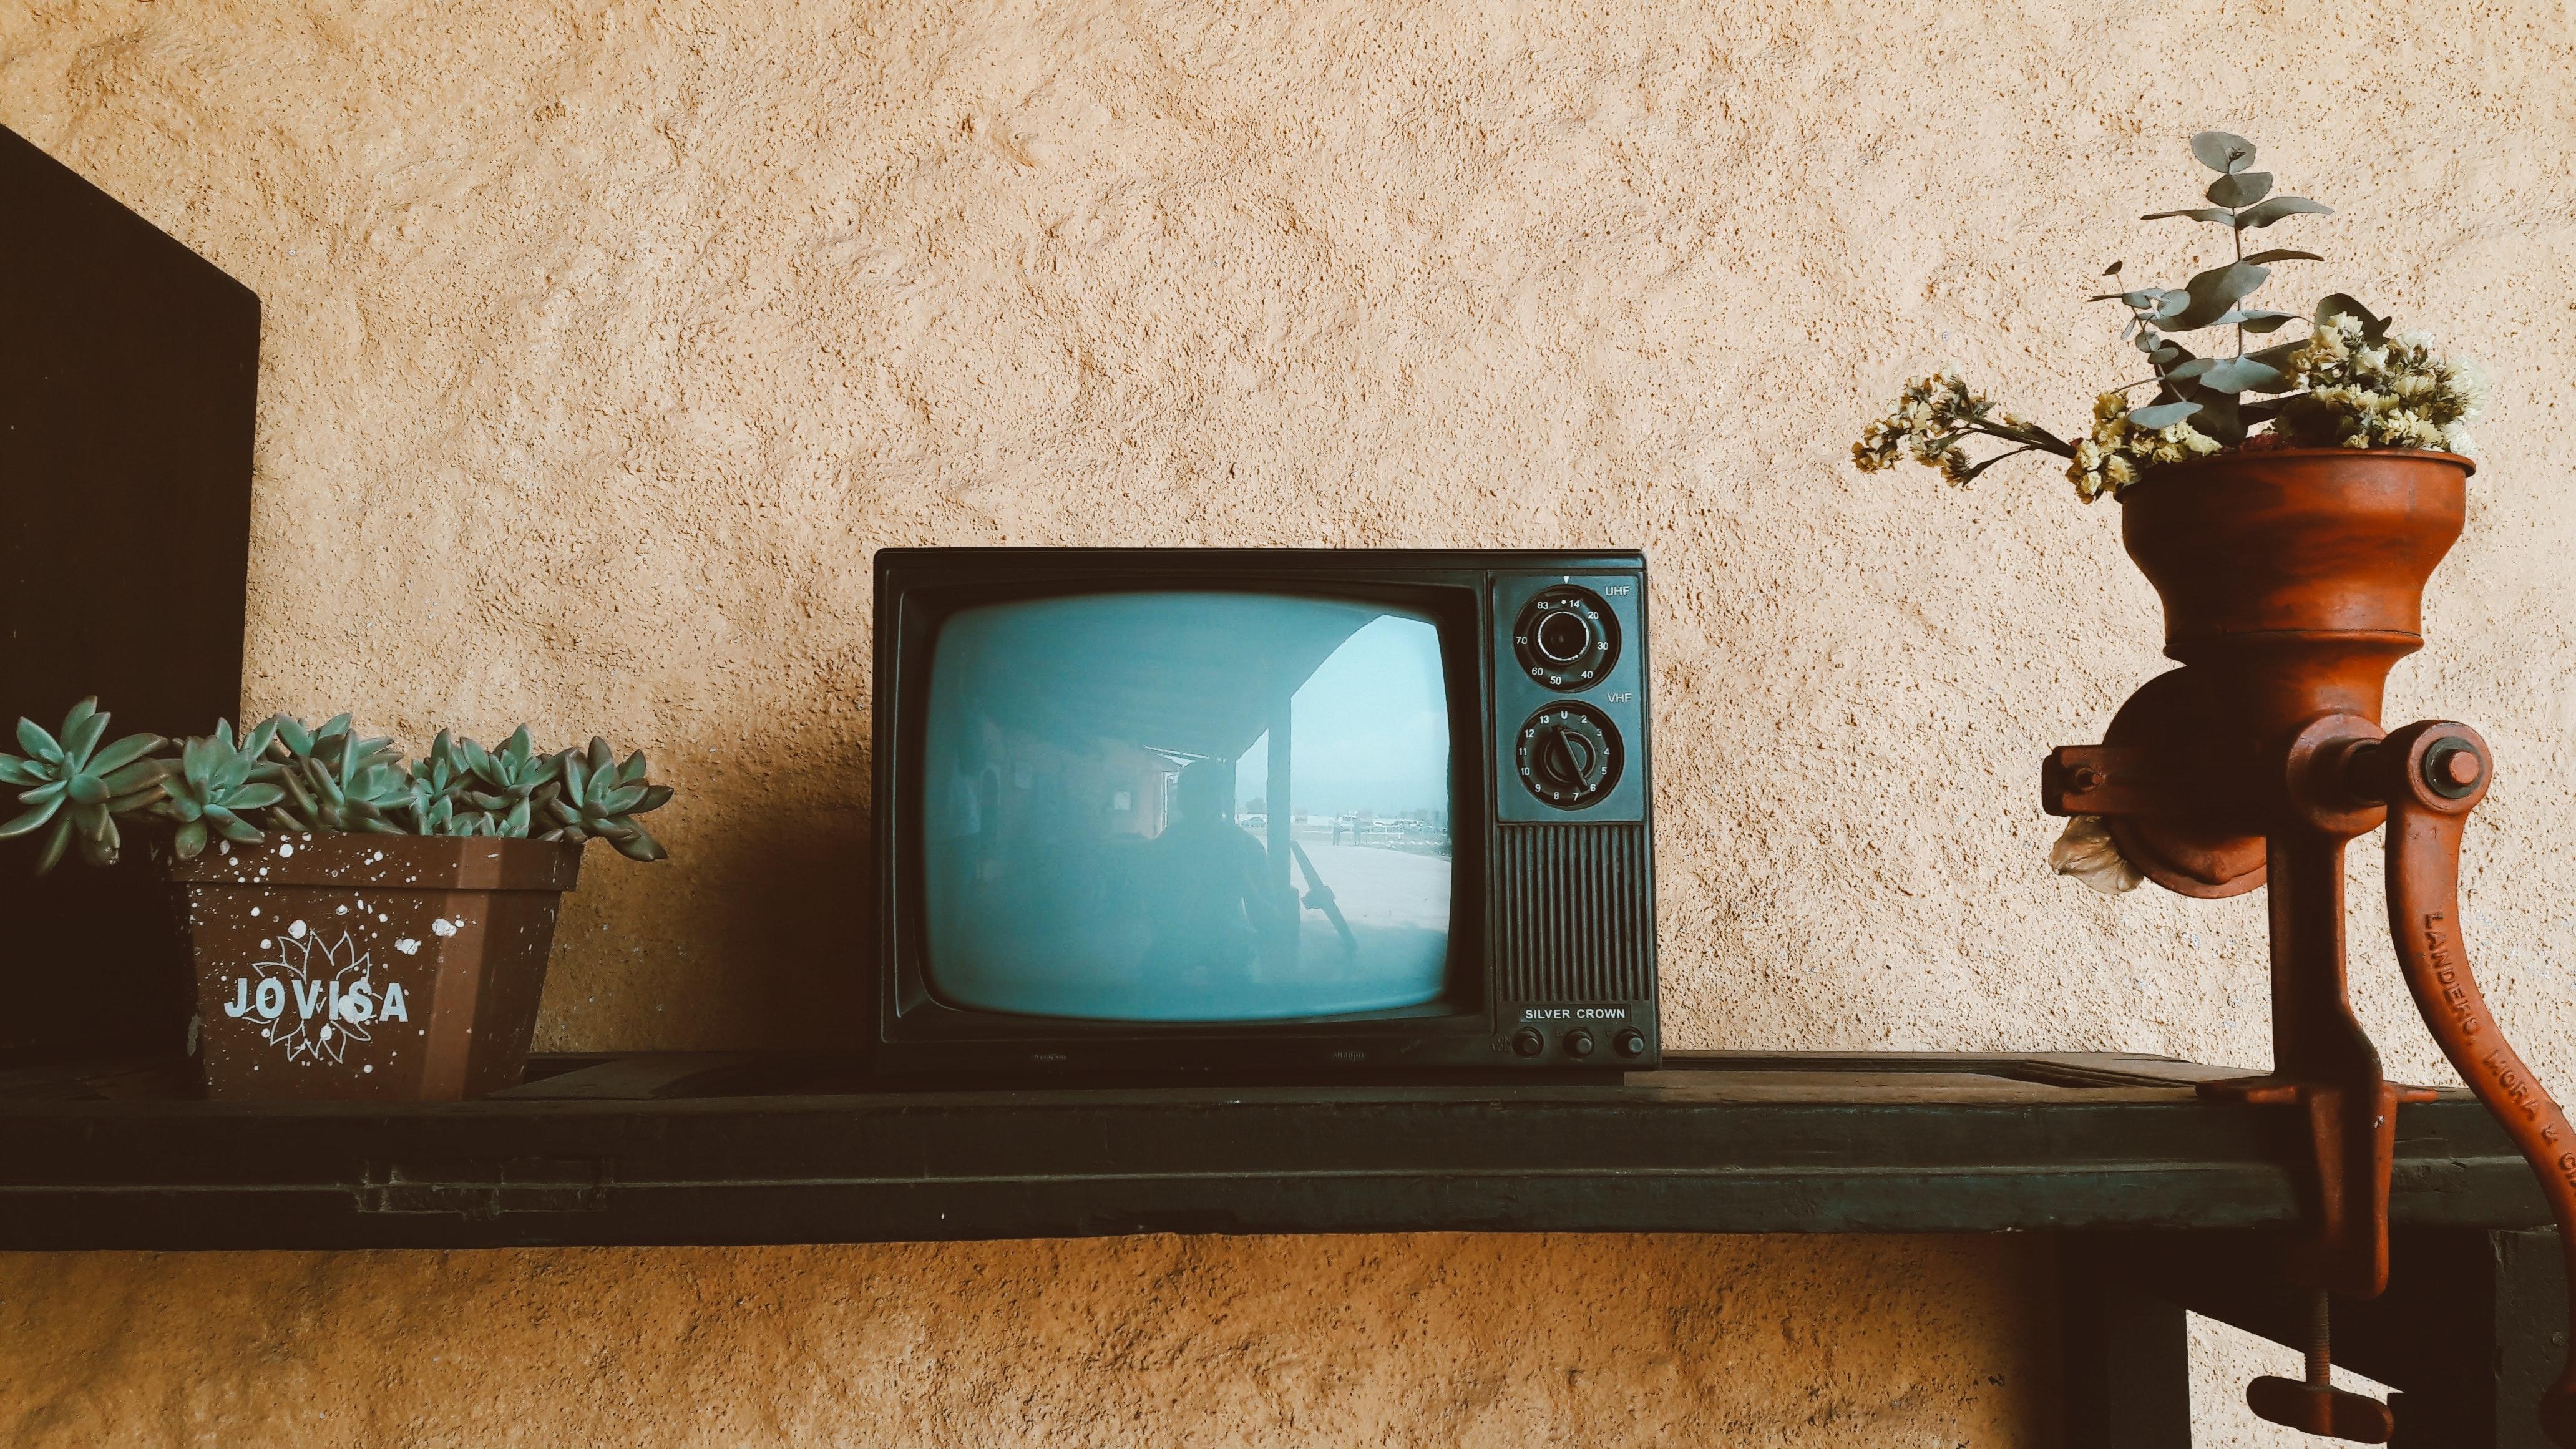 【TVer】便利な見逃し配信サービス!録画・ダウンロードする方法はある?